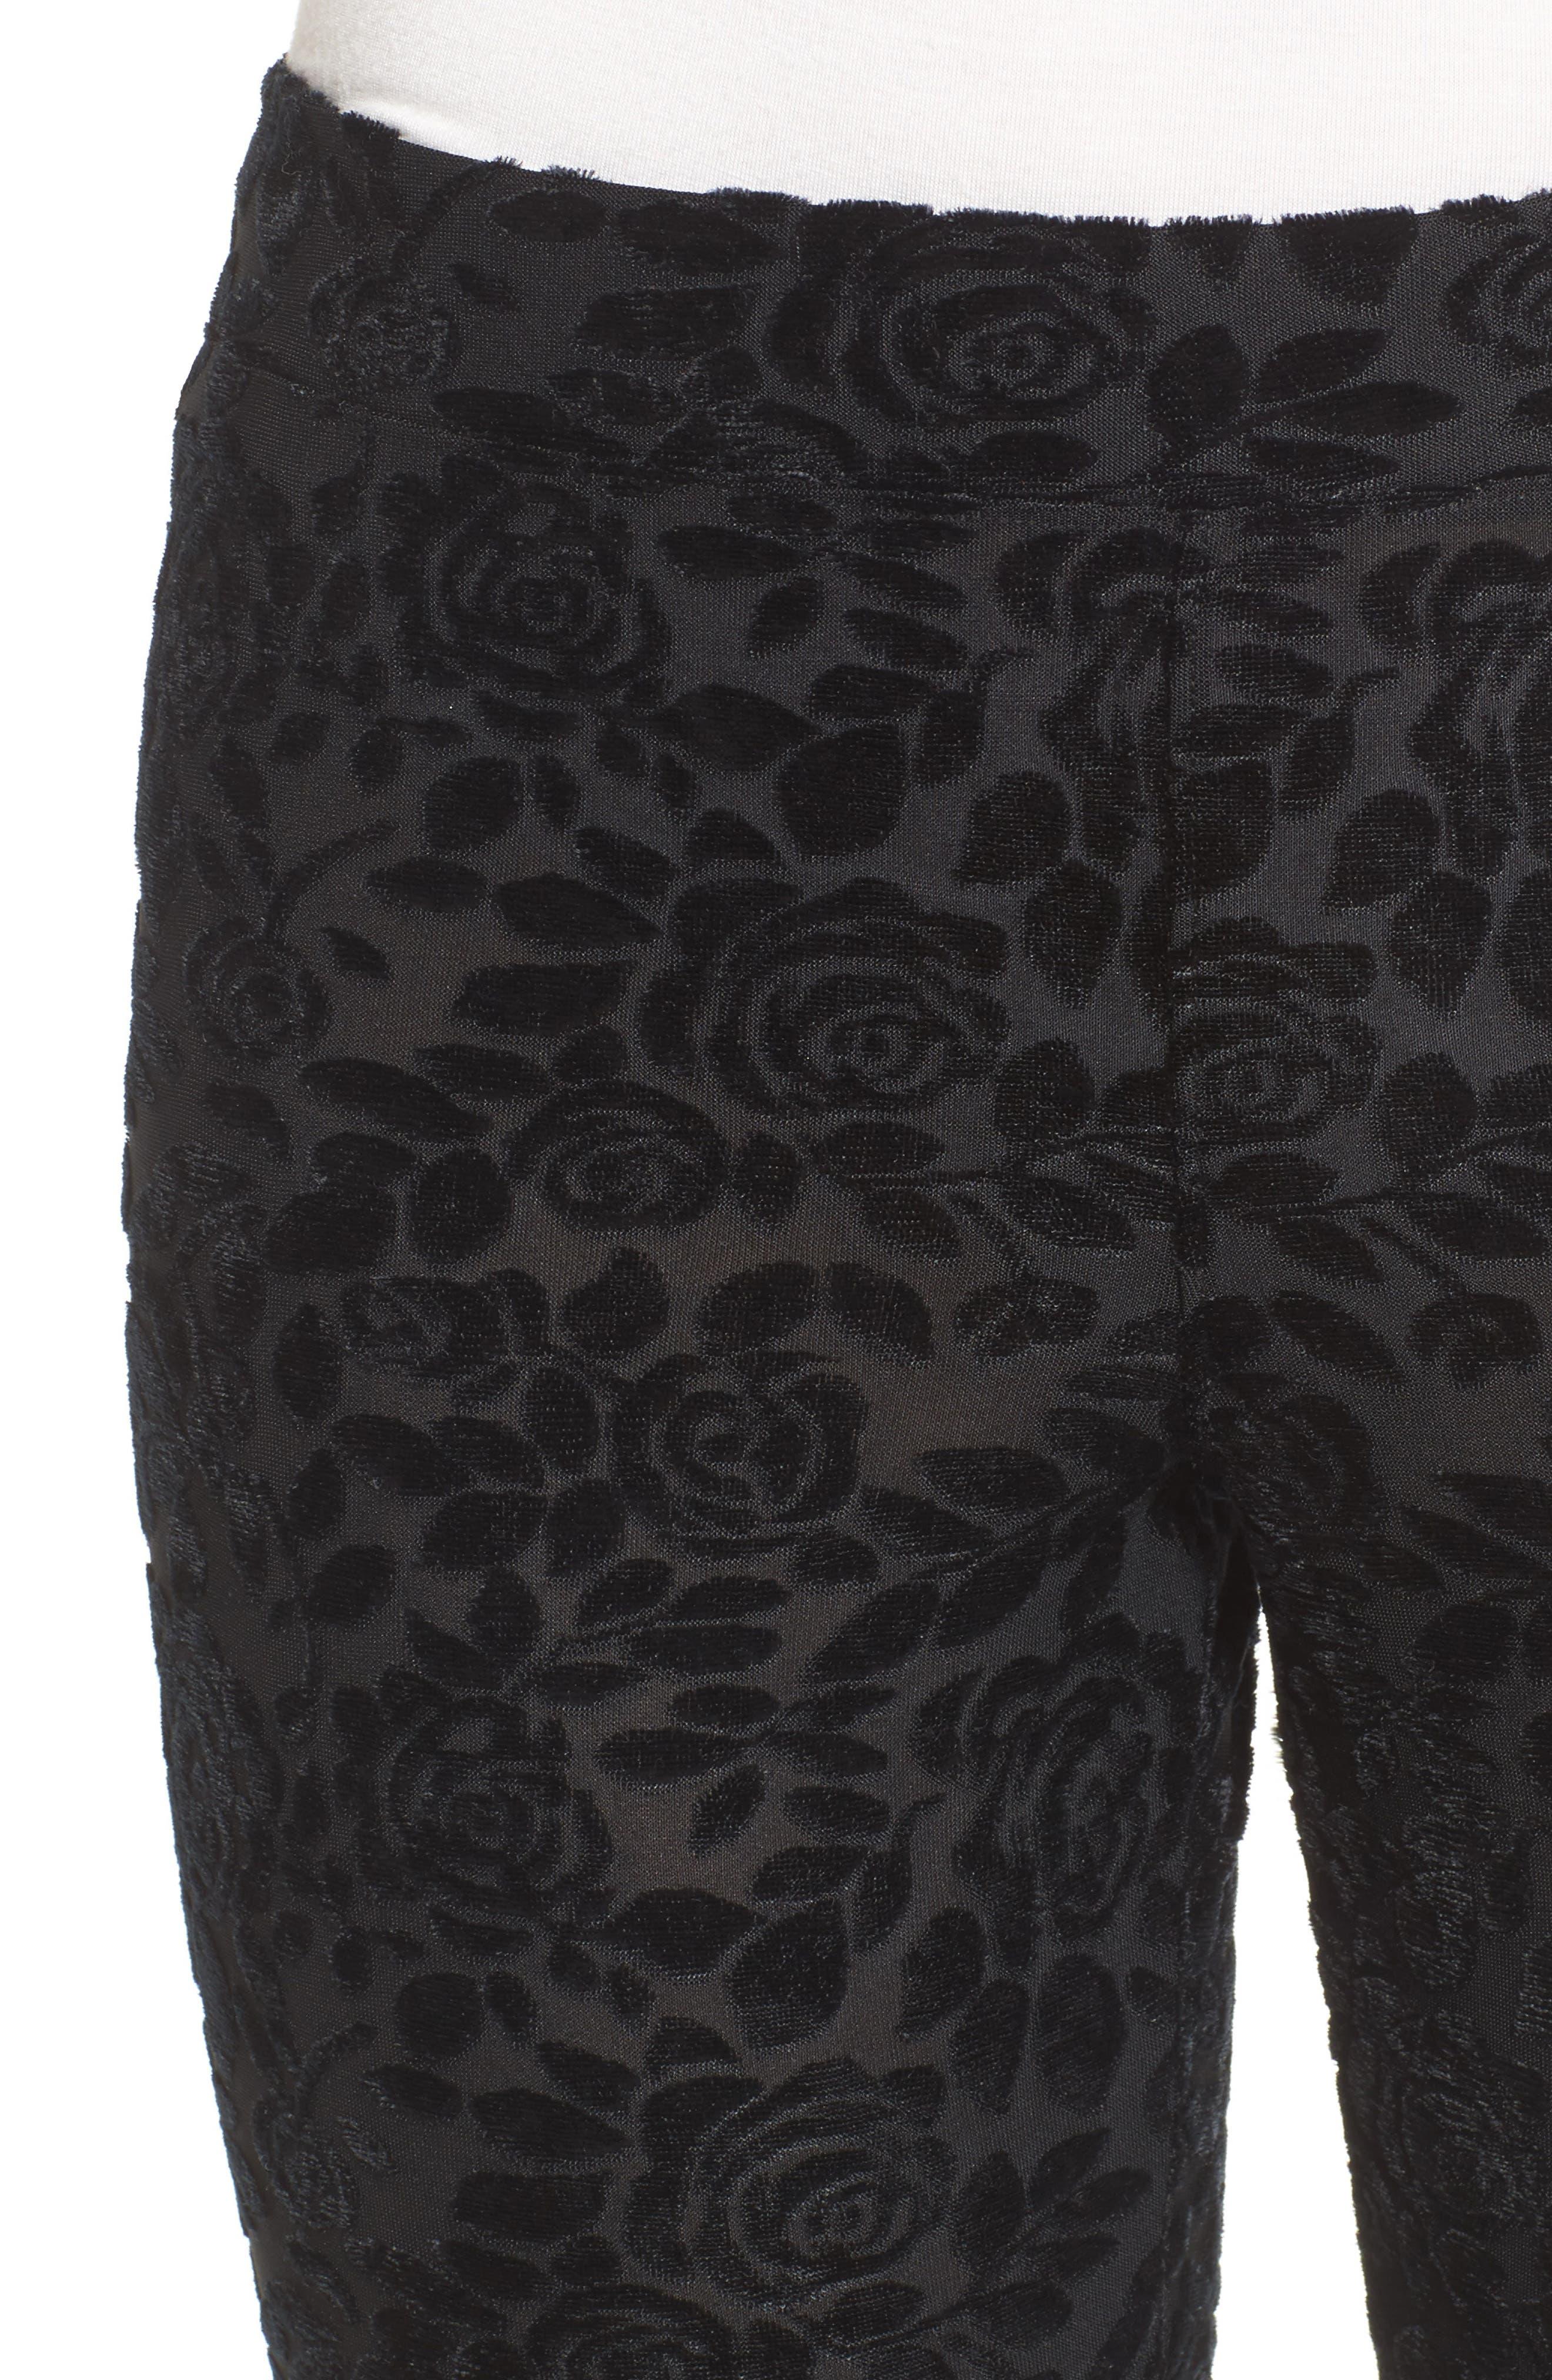 Burnout Floral Leggings,                             Alternate thumbnail 5, color,                             Black